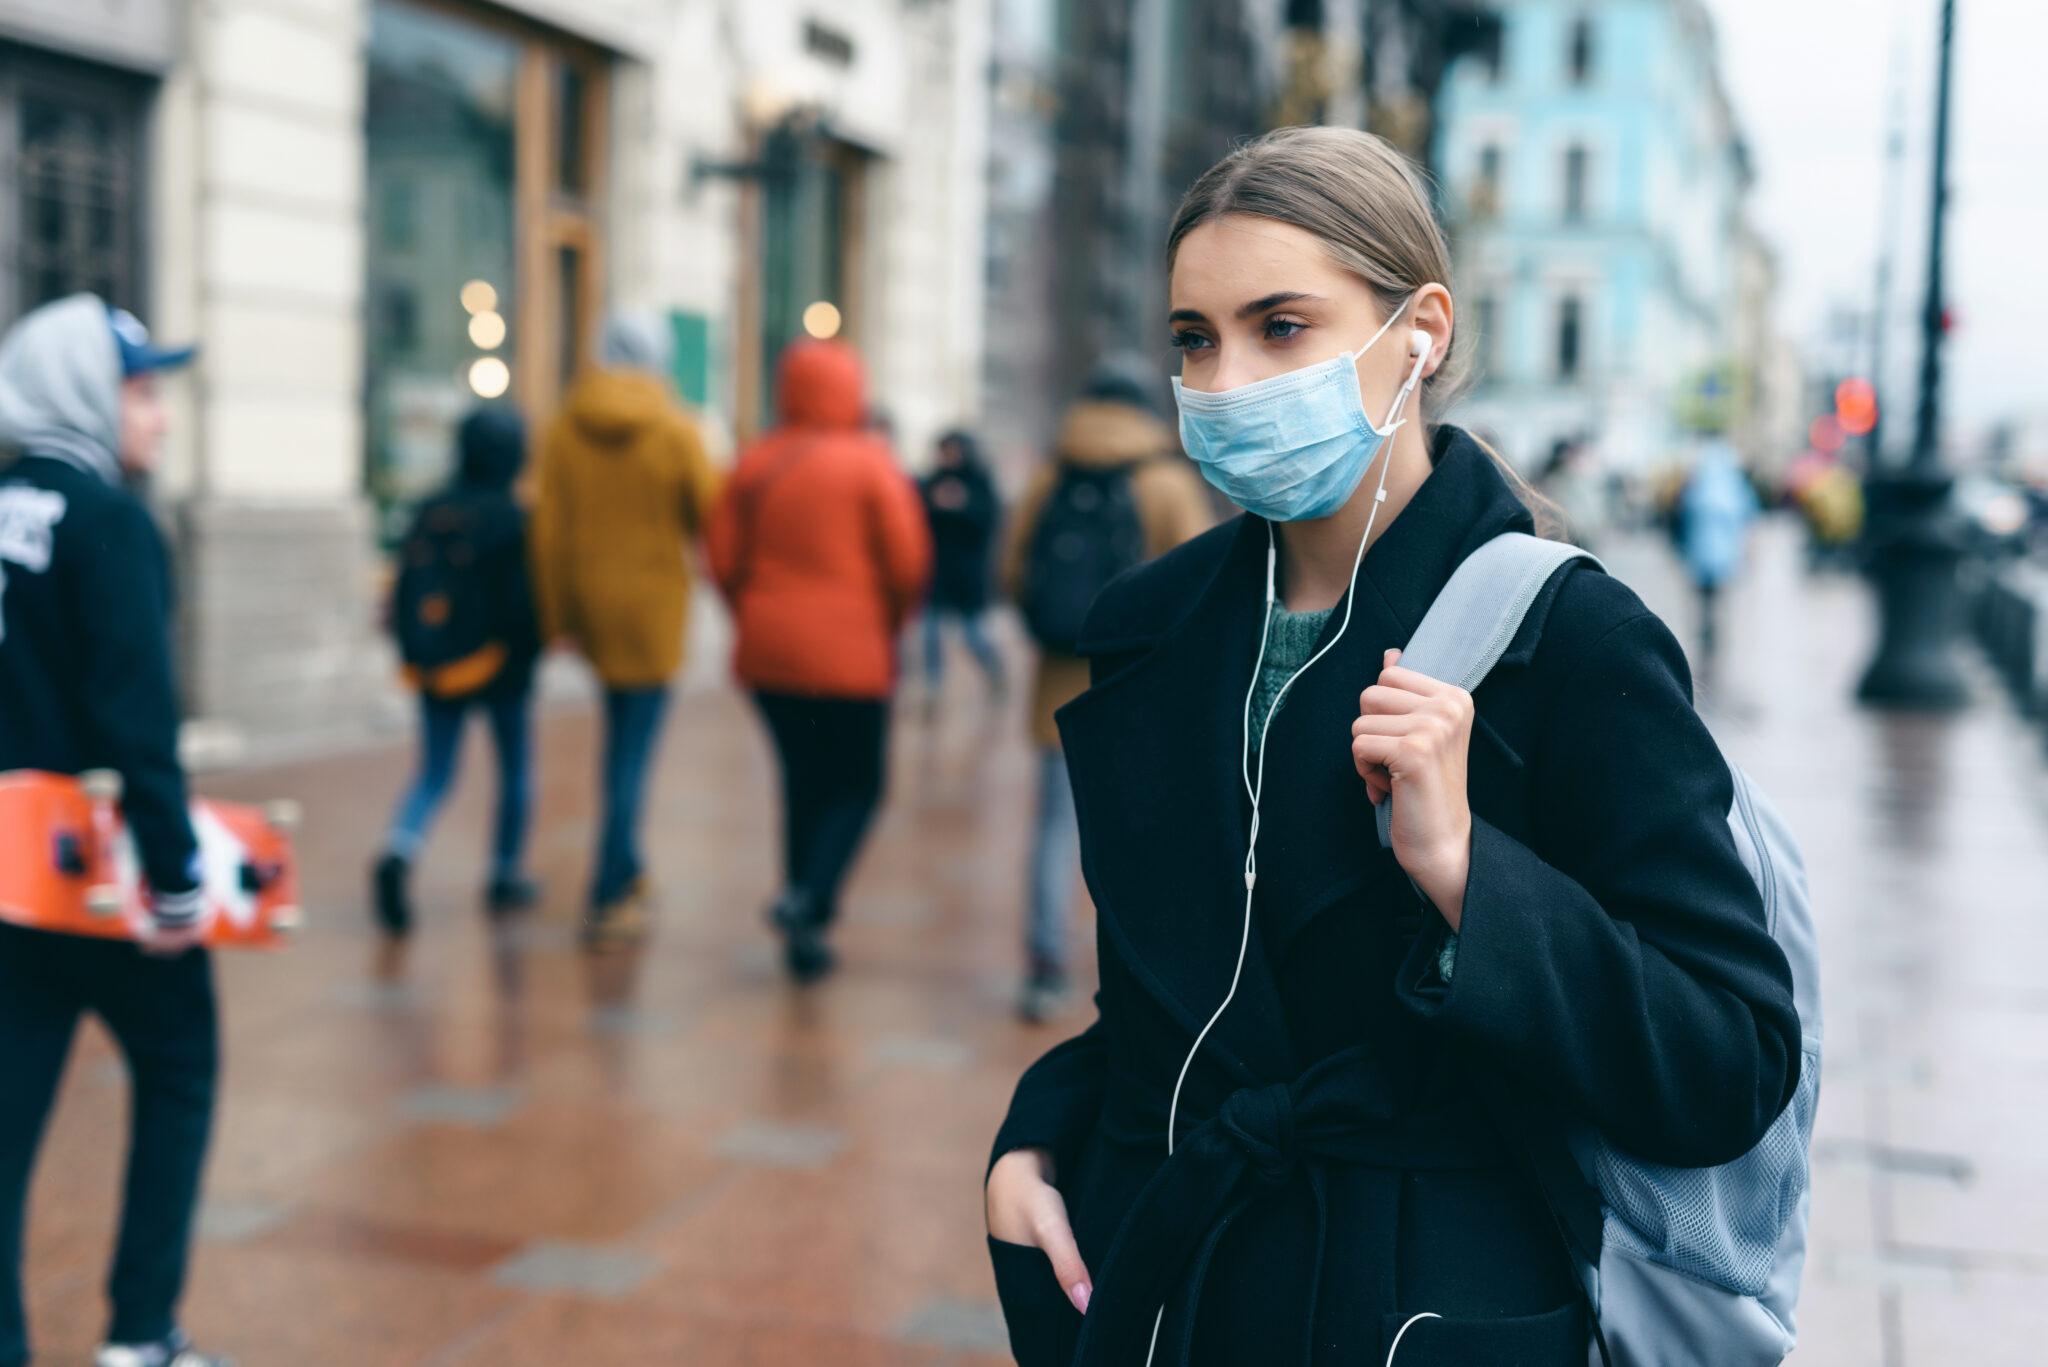 Bild einer jungen europäischen Frau mit Maske auf der Strasse in der Stadt.